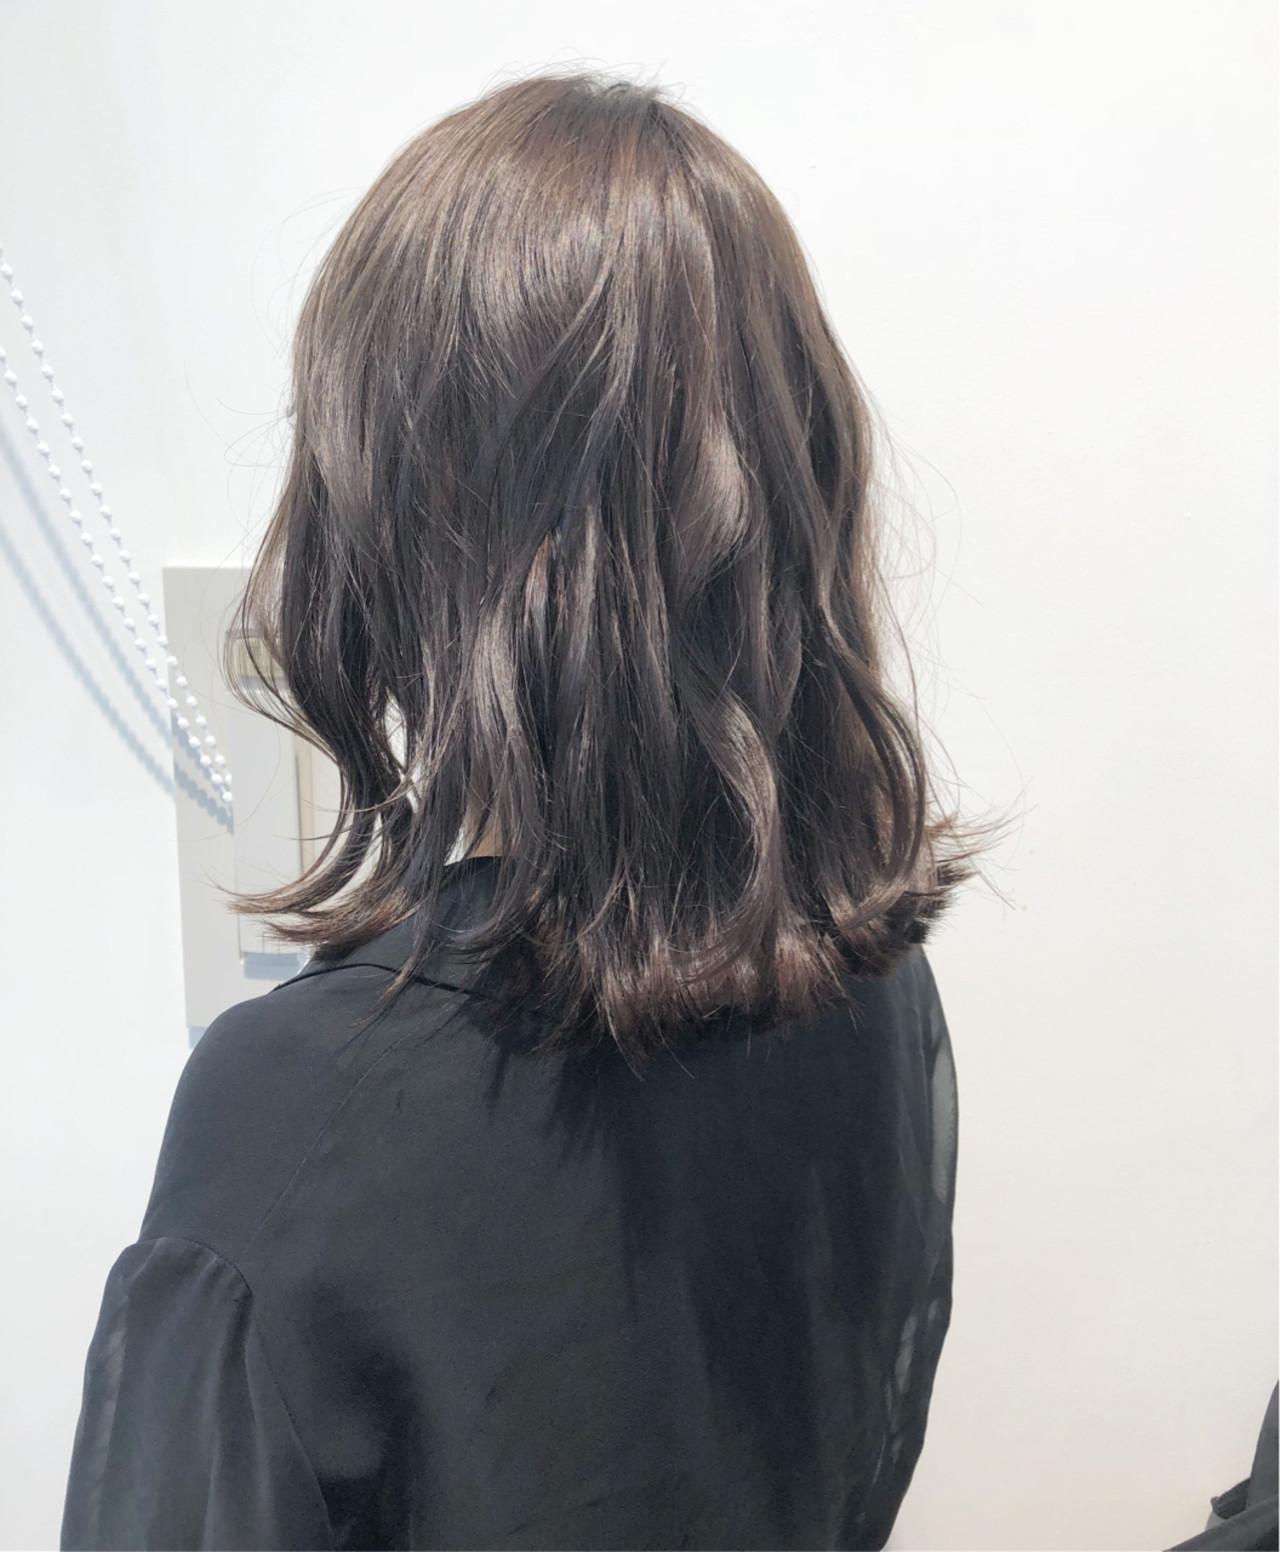 セミロング グレージュ 透明感 切りっぱなし ヘアスタイルや髪型の写真・画像 | 市岡 久 / BLANCOtres